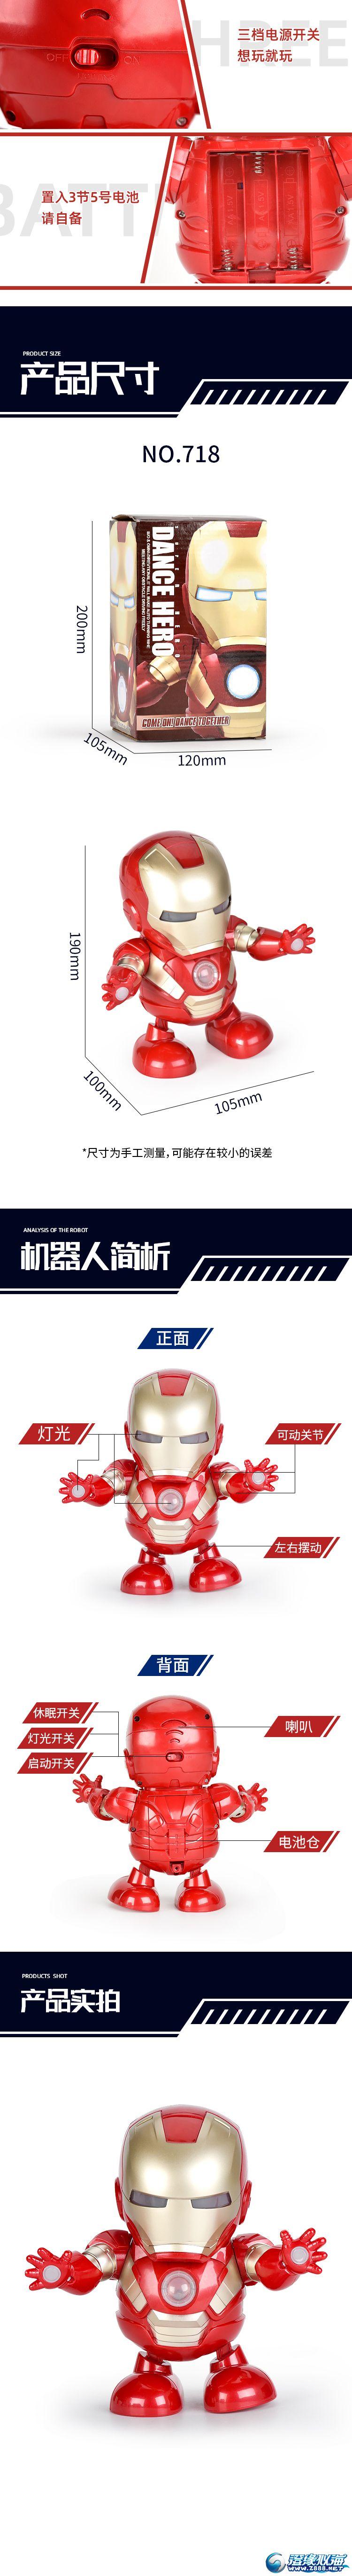 欧飞玩具厂-718-机器人-中文详情页_03.jpg